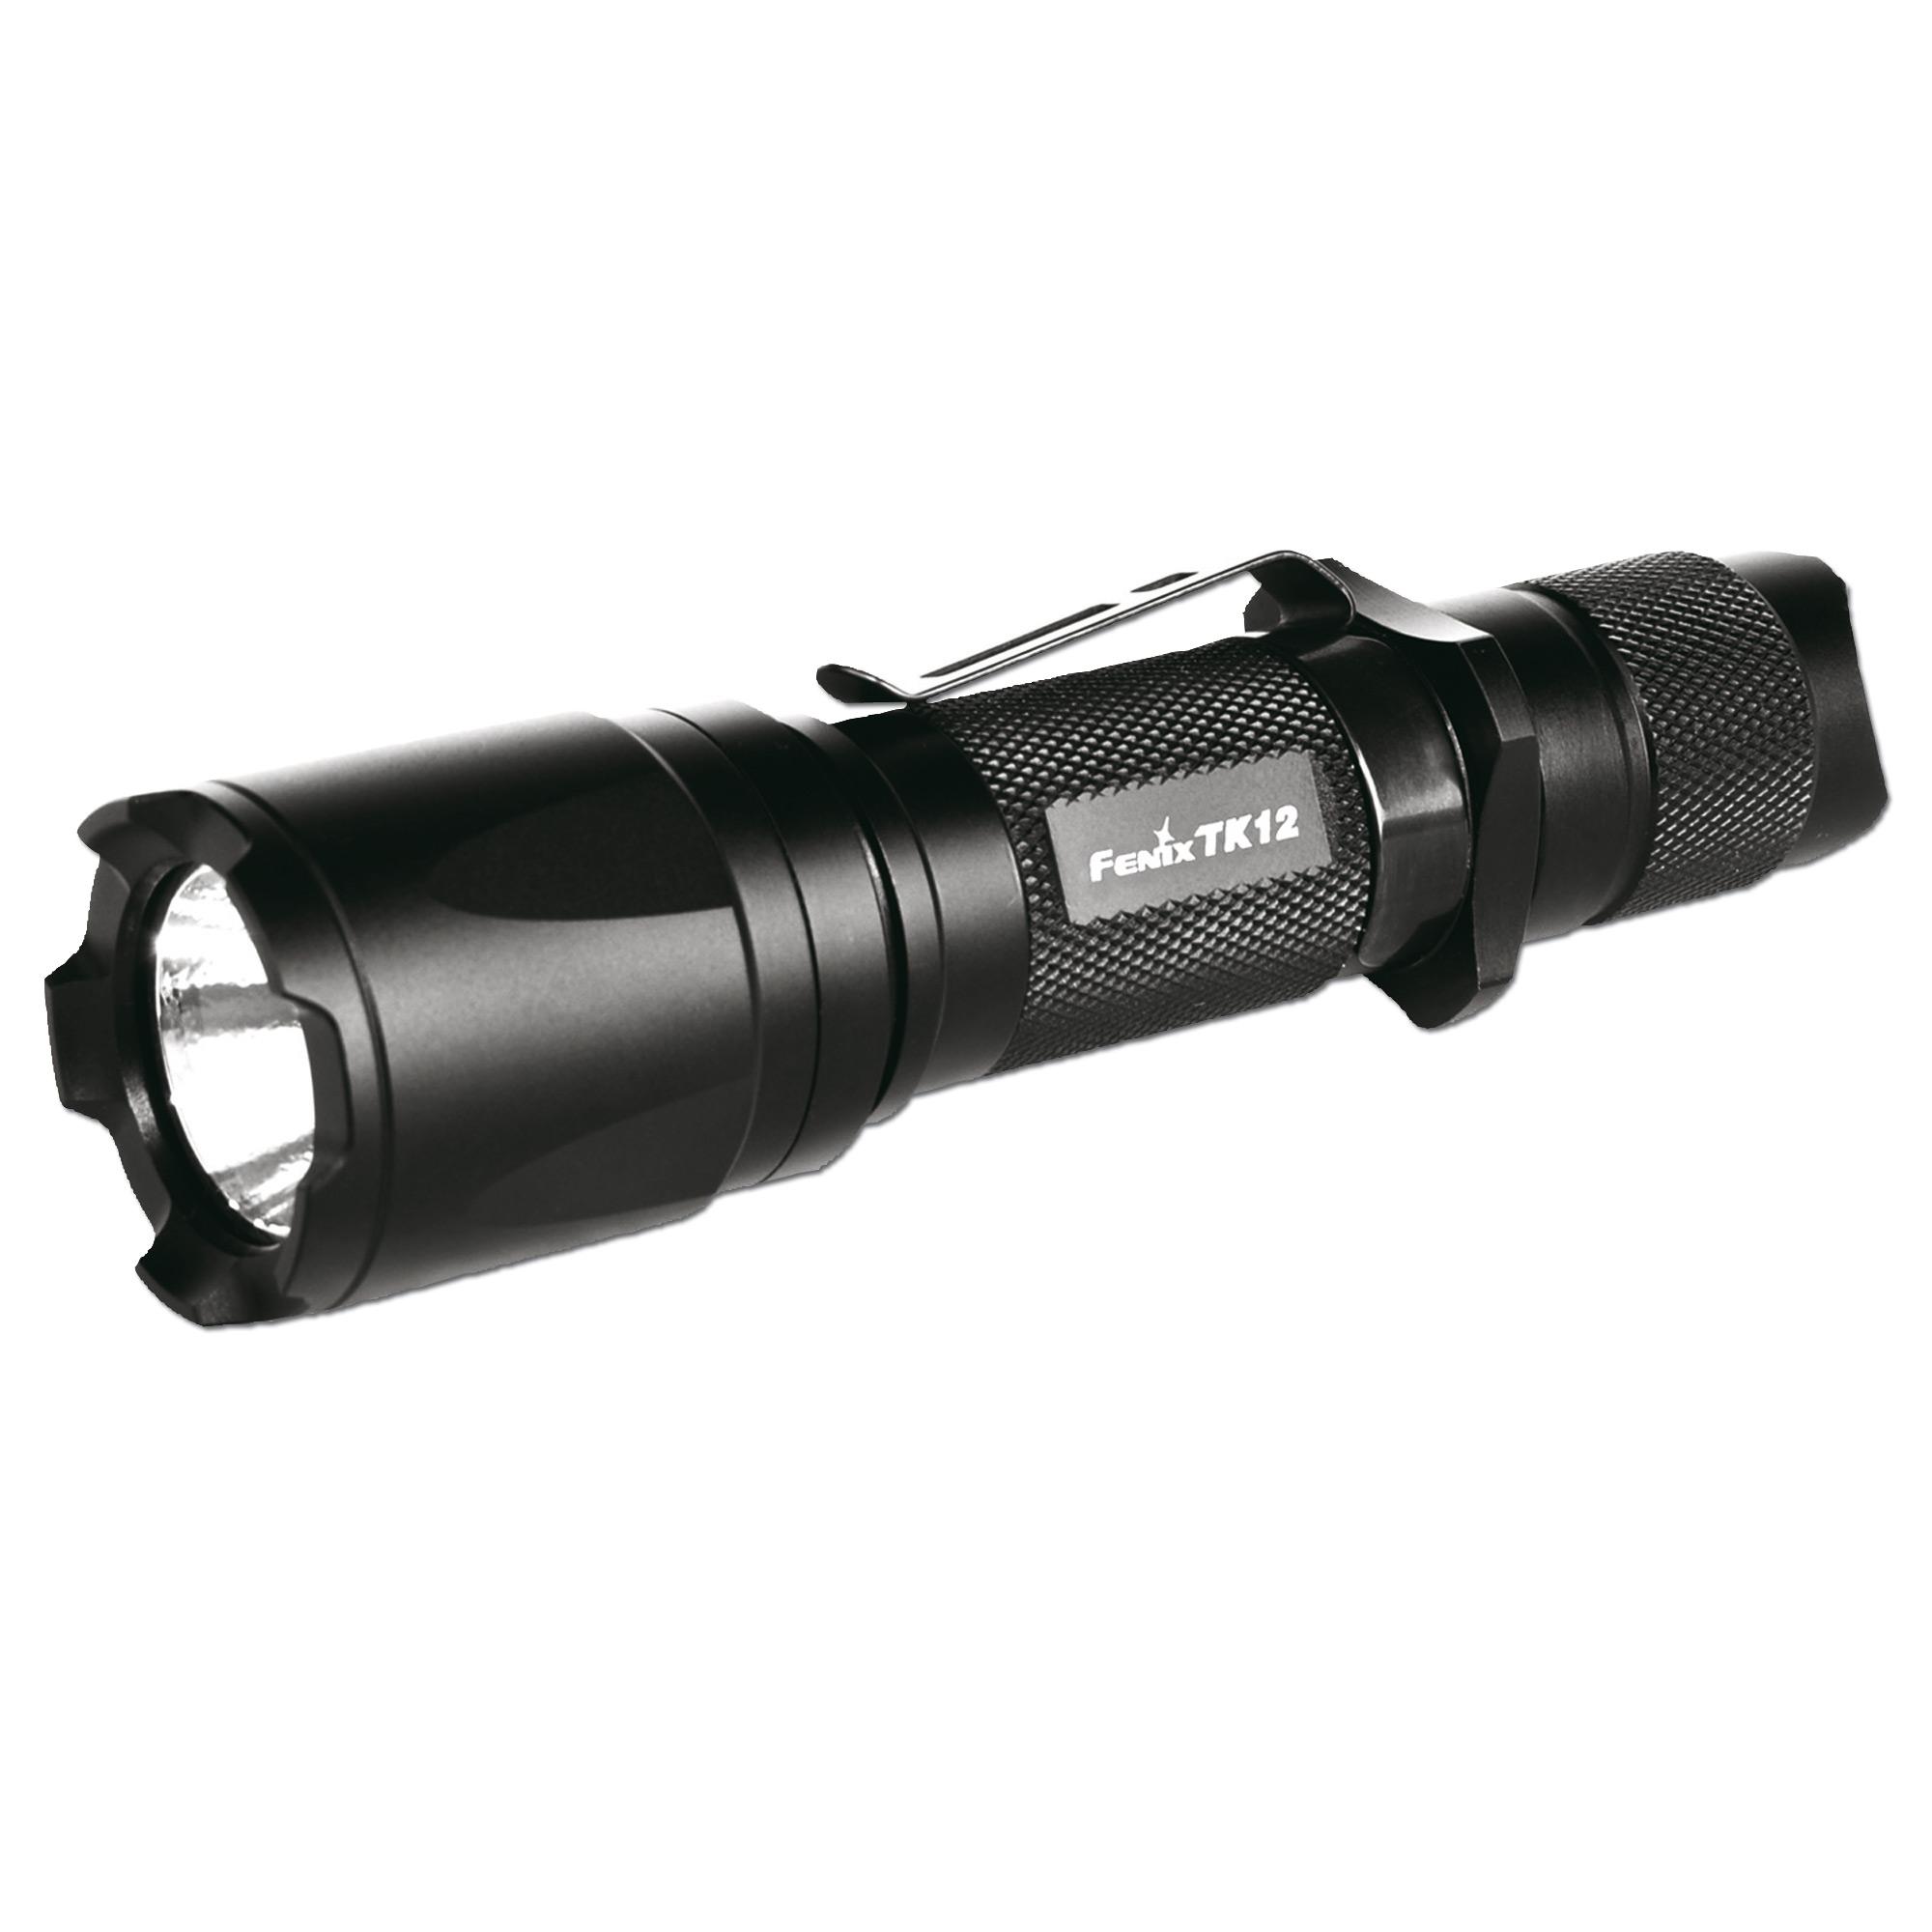 Lampe Fenix TK12 schwarz